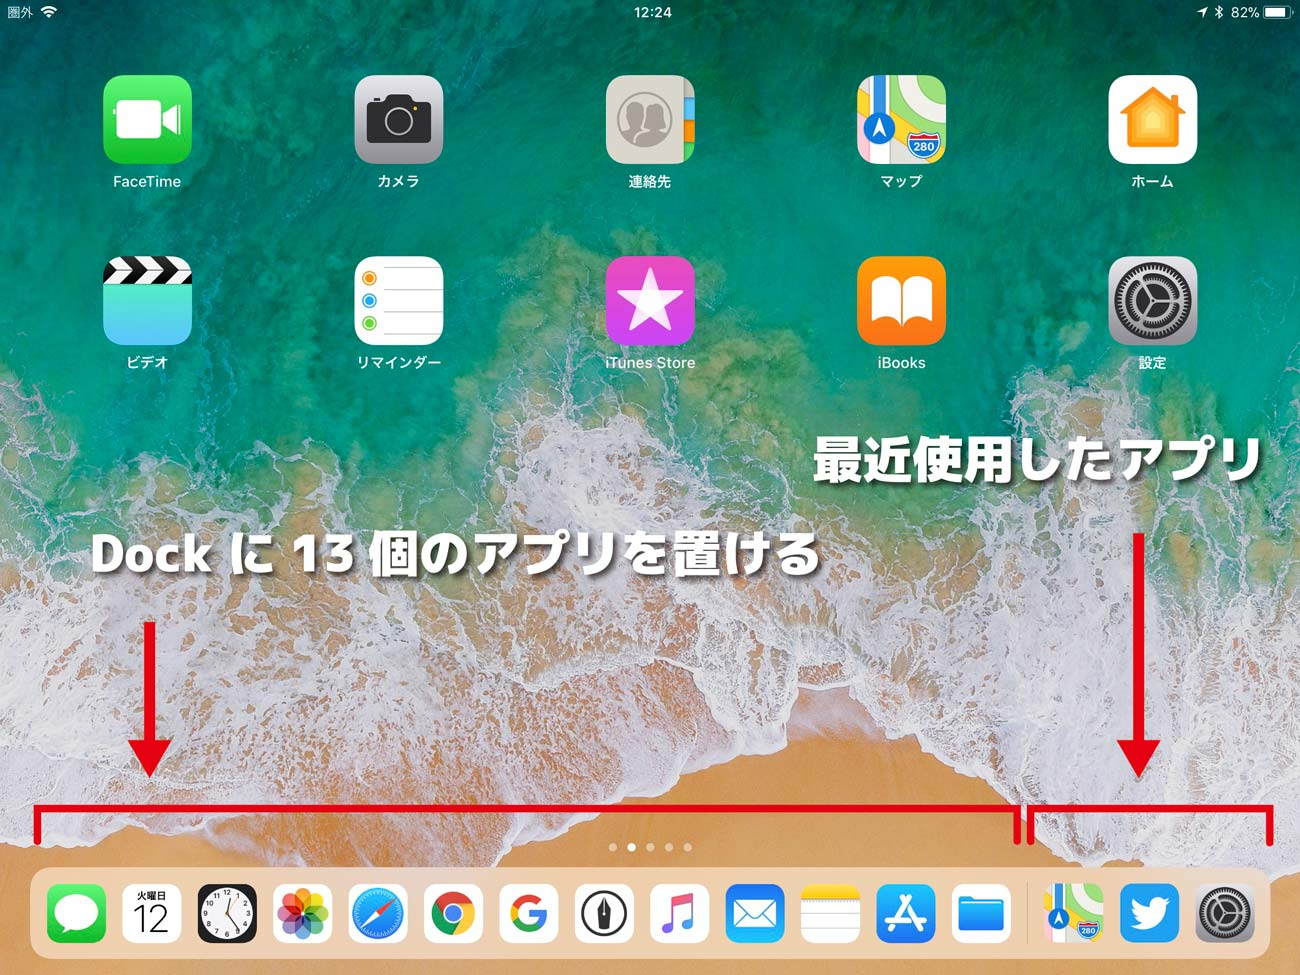 iOS11 iPad 新しくなったDock